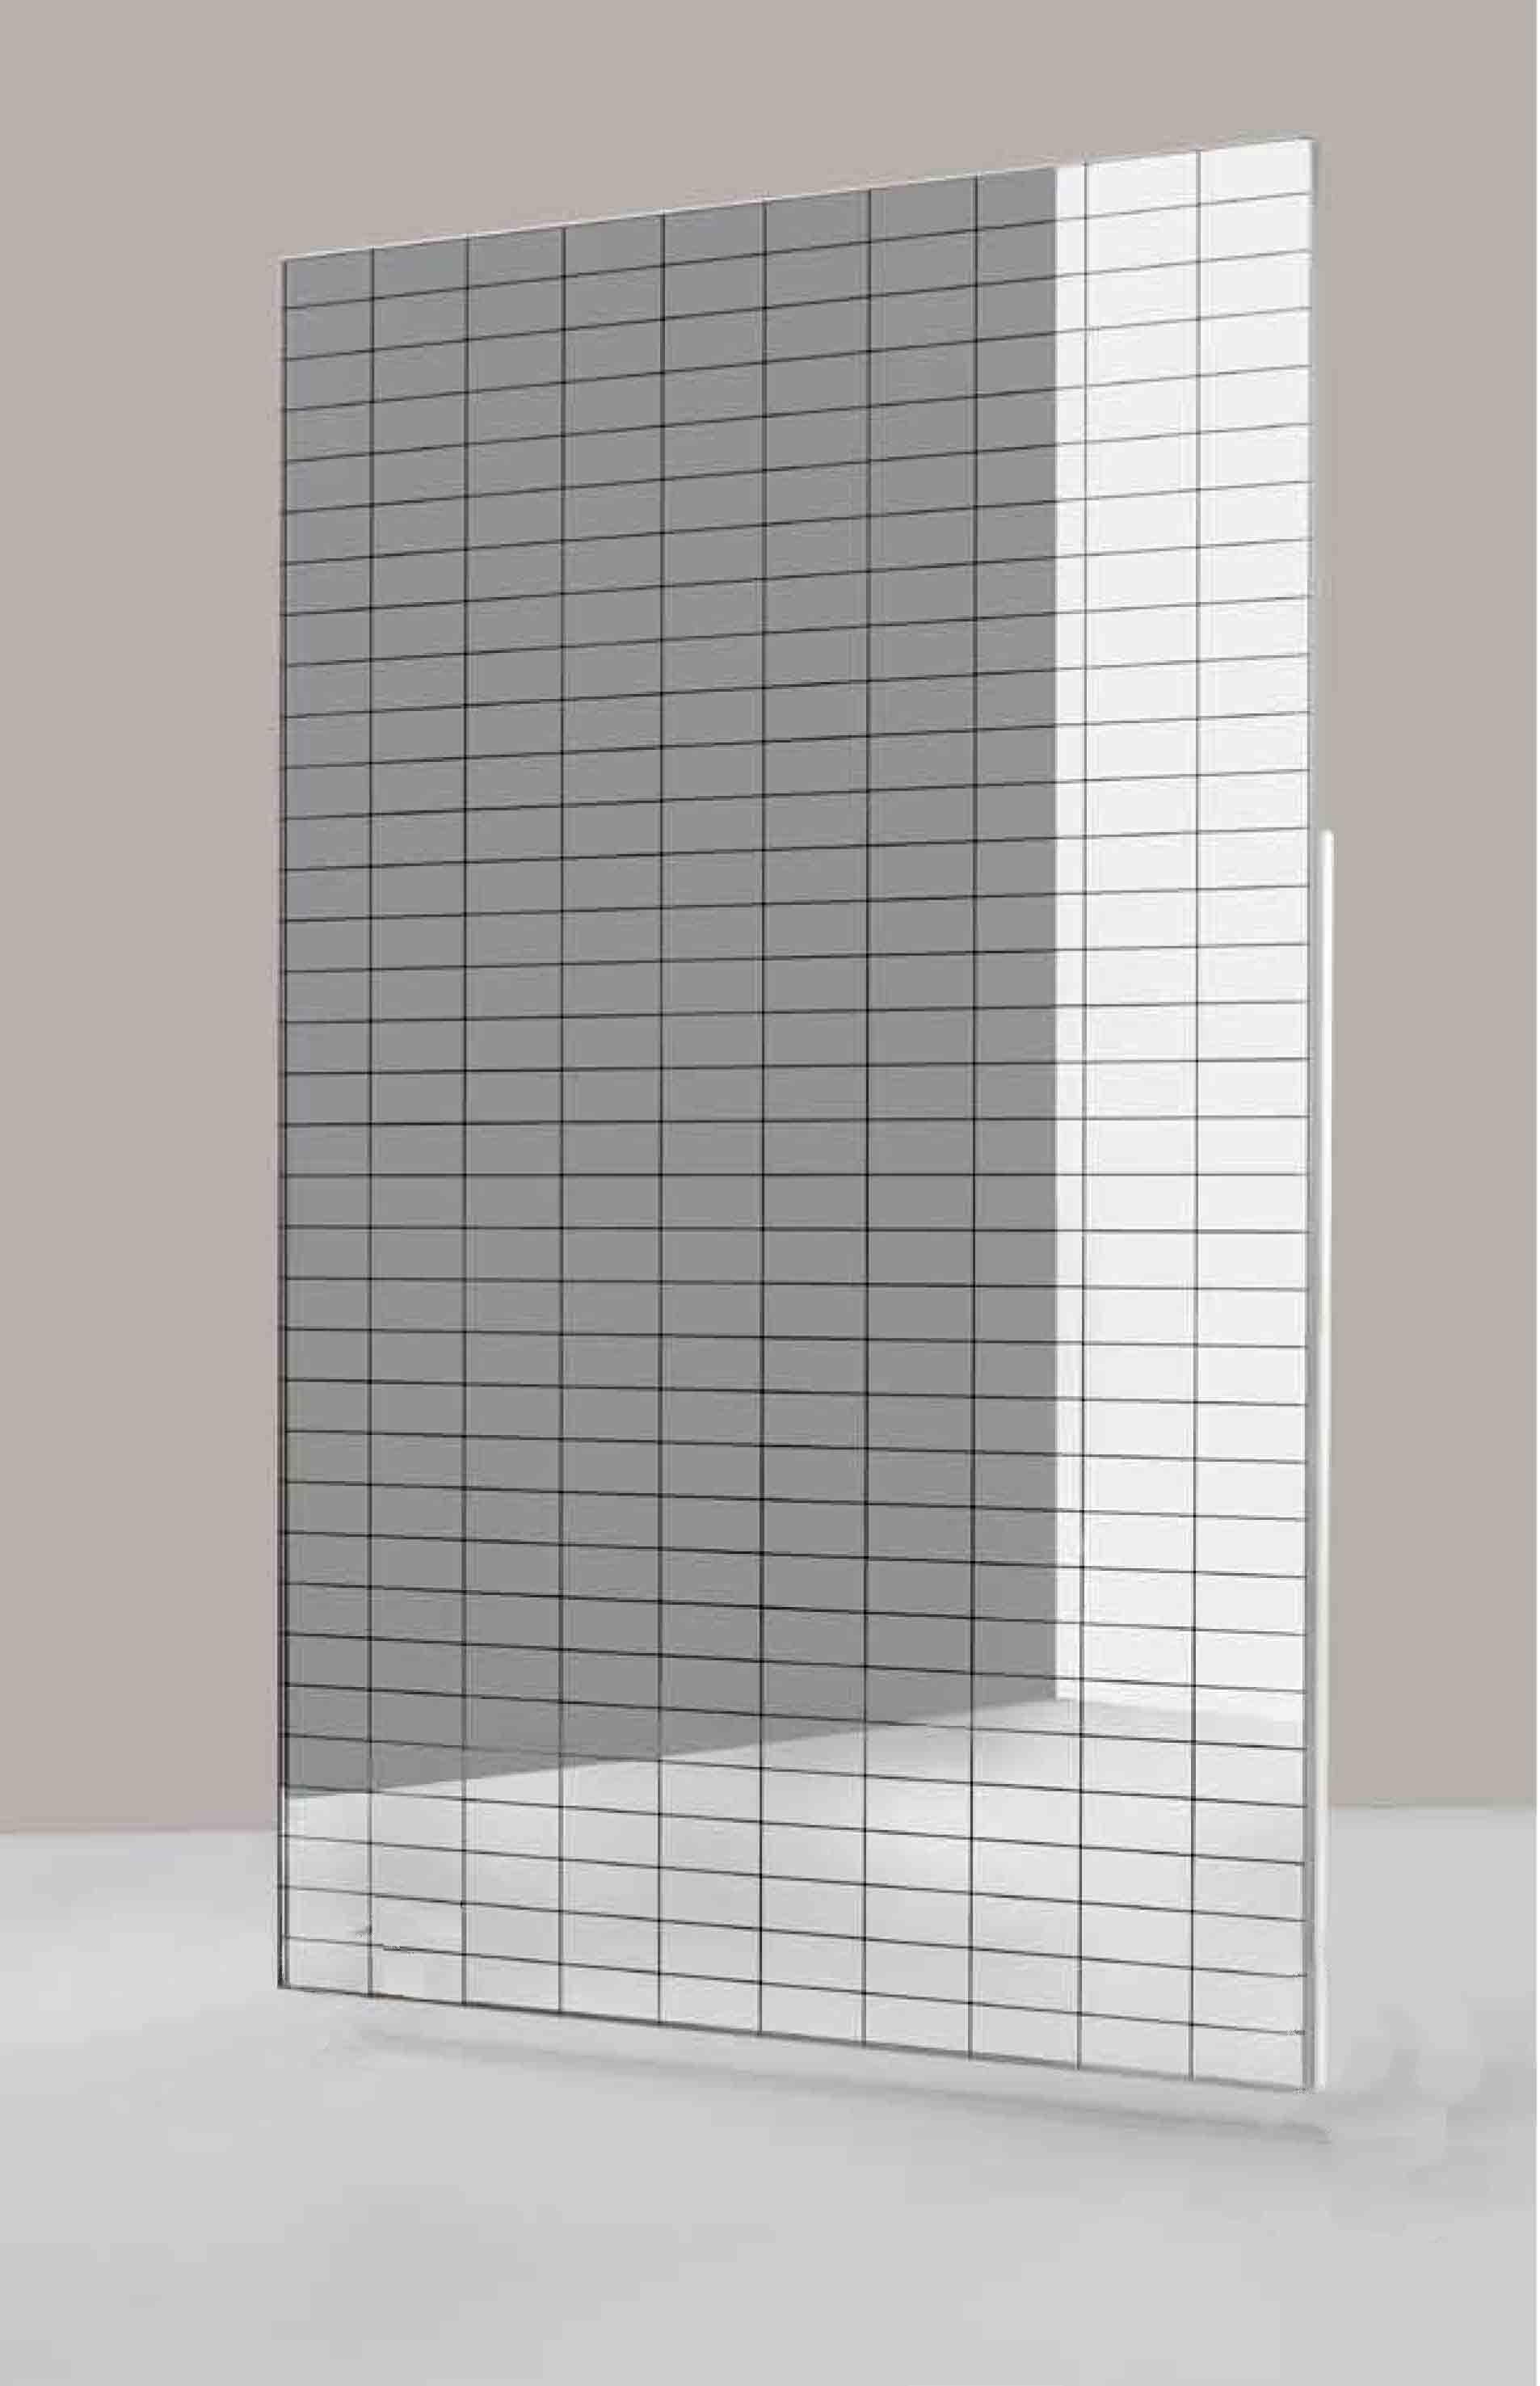 Specchi Per Palestra On Line specchi quadrettati per le pareti delle palestre, specchio